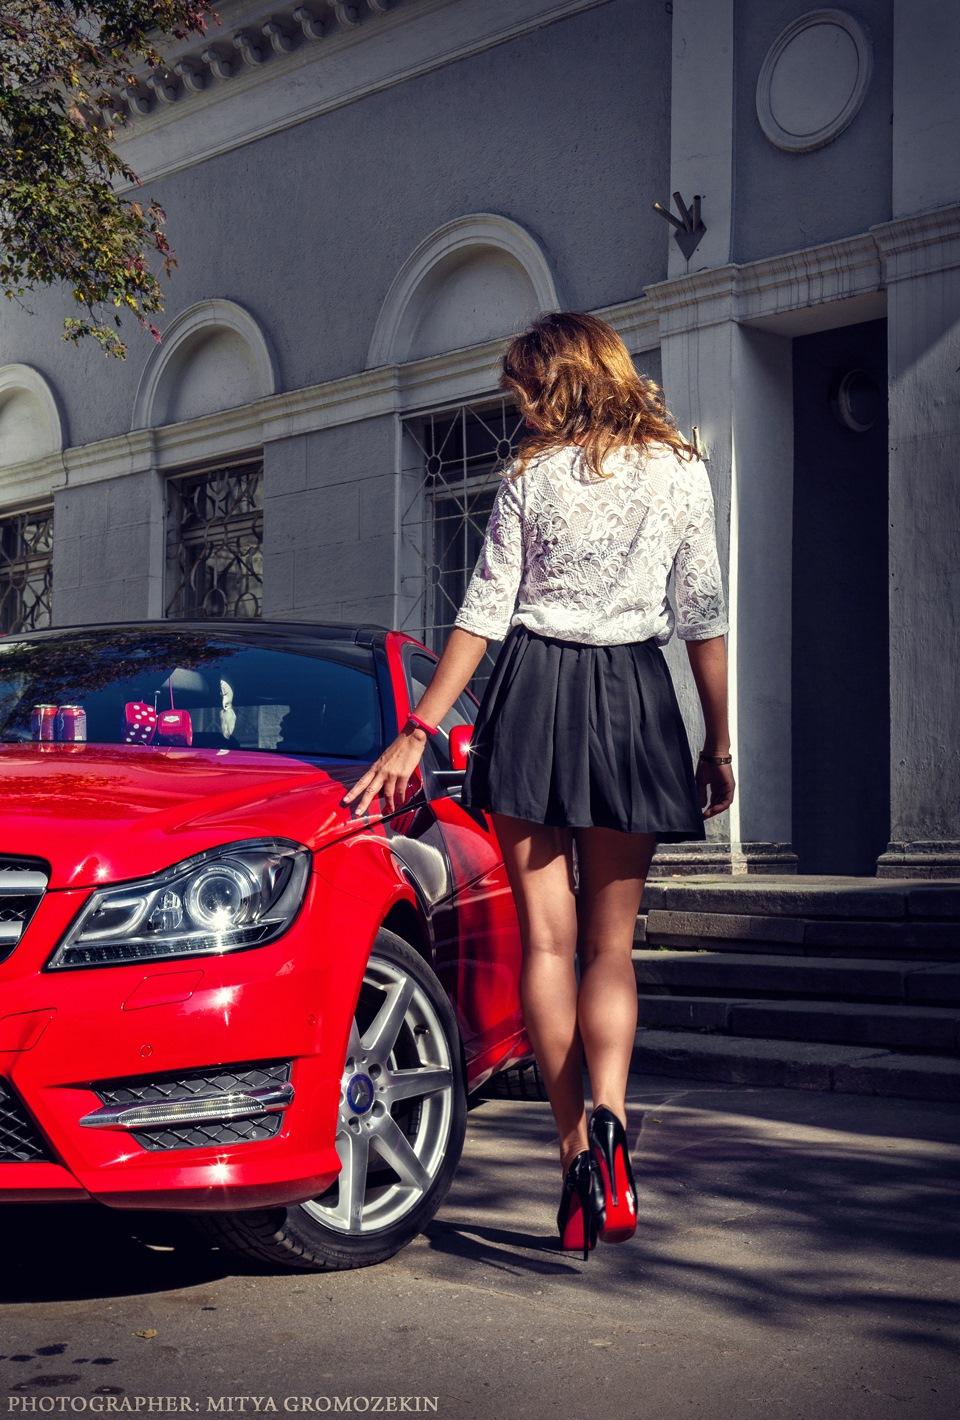 Картинка красивой девушки на машине